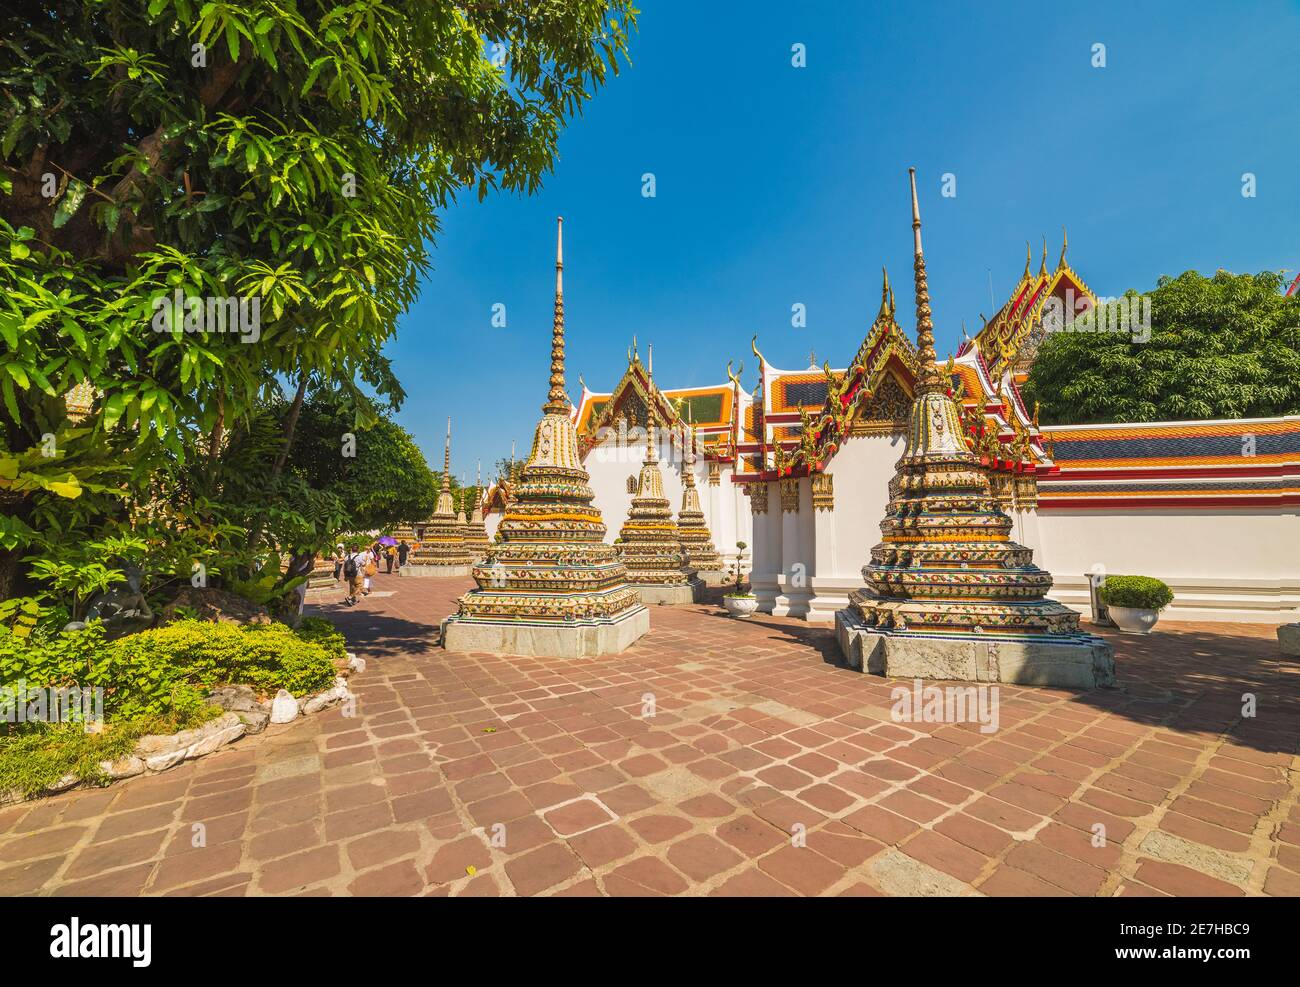 Wat Po (Wat Pho), Templo del Buda de la Rectinación, Monasterio Real, Atracciones turísticas populares en Bangkok, Tailandia. Foto de stock